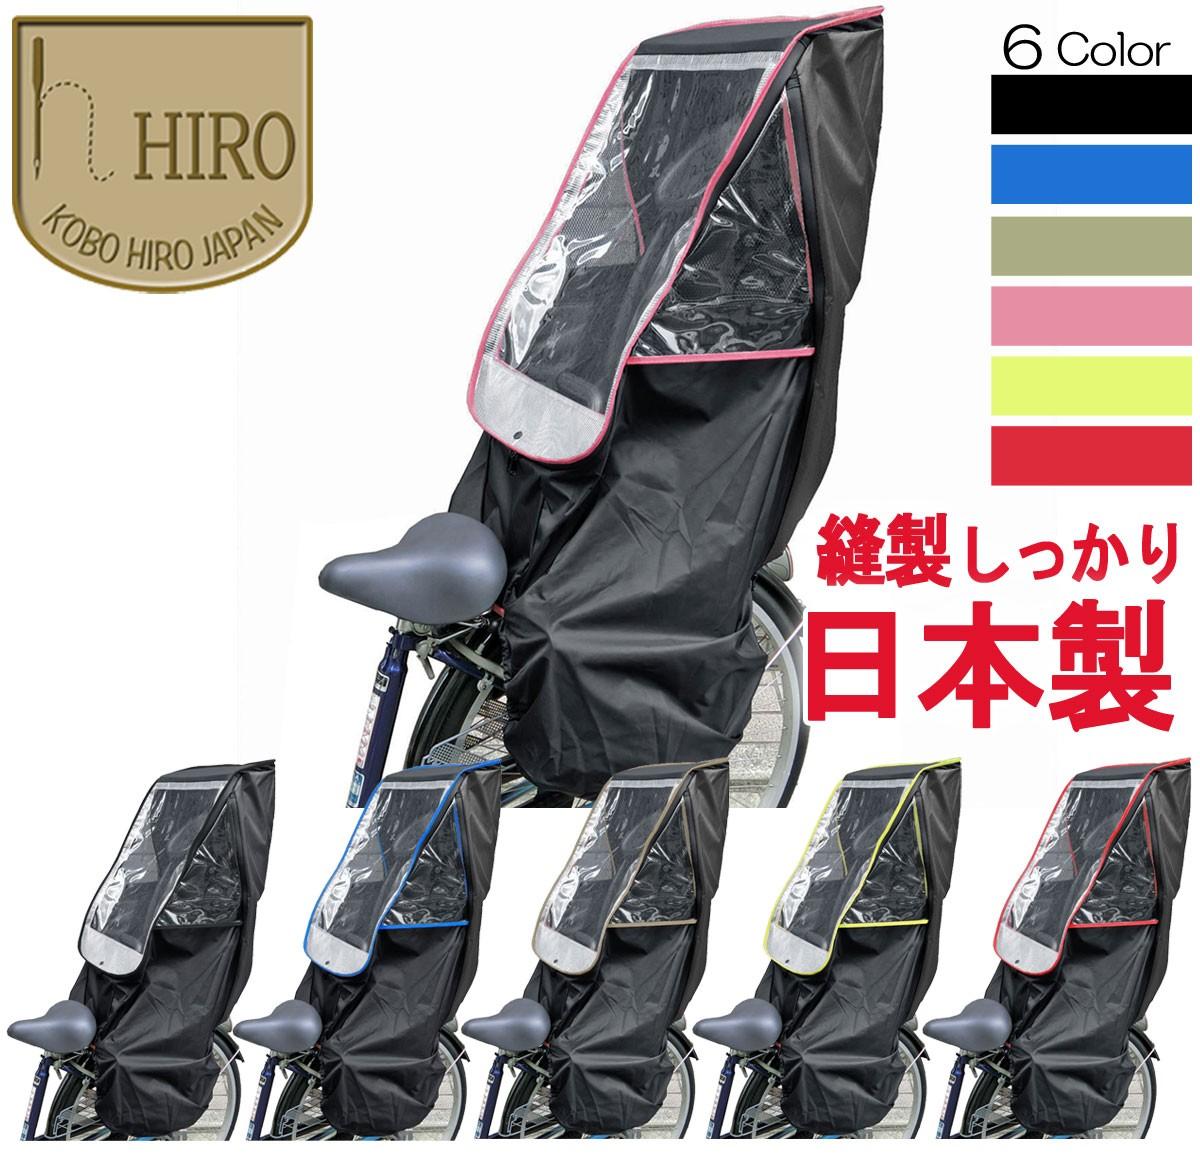 子供乗せ自転車 レインカバー チャイルドシート 後ろ用 リア HIRO 透明シート強化加工 テフロン加工 ブラックベース SCC-1807-BK-02|hiroaandk